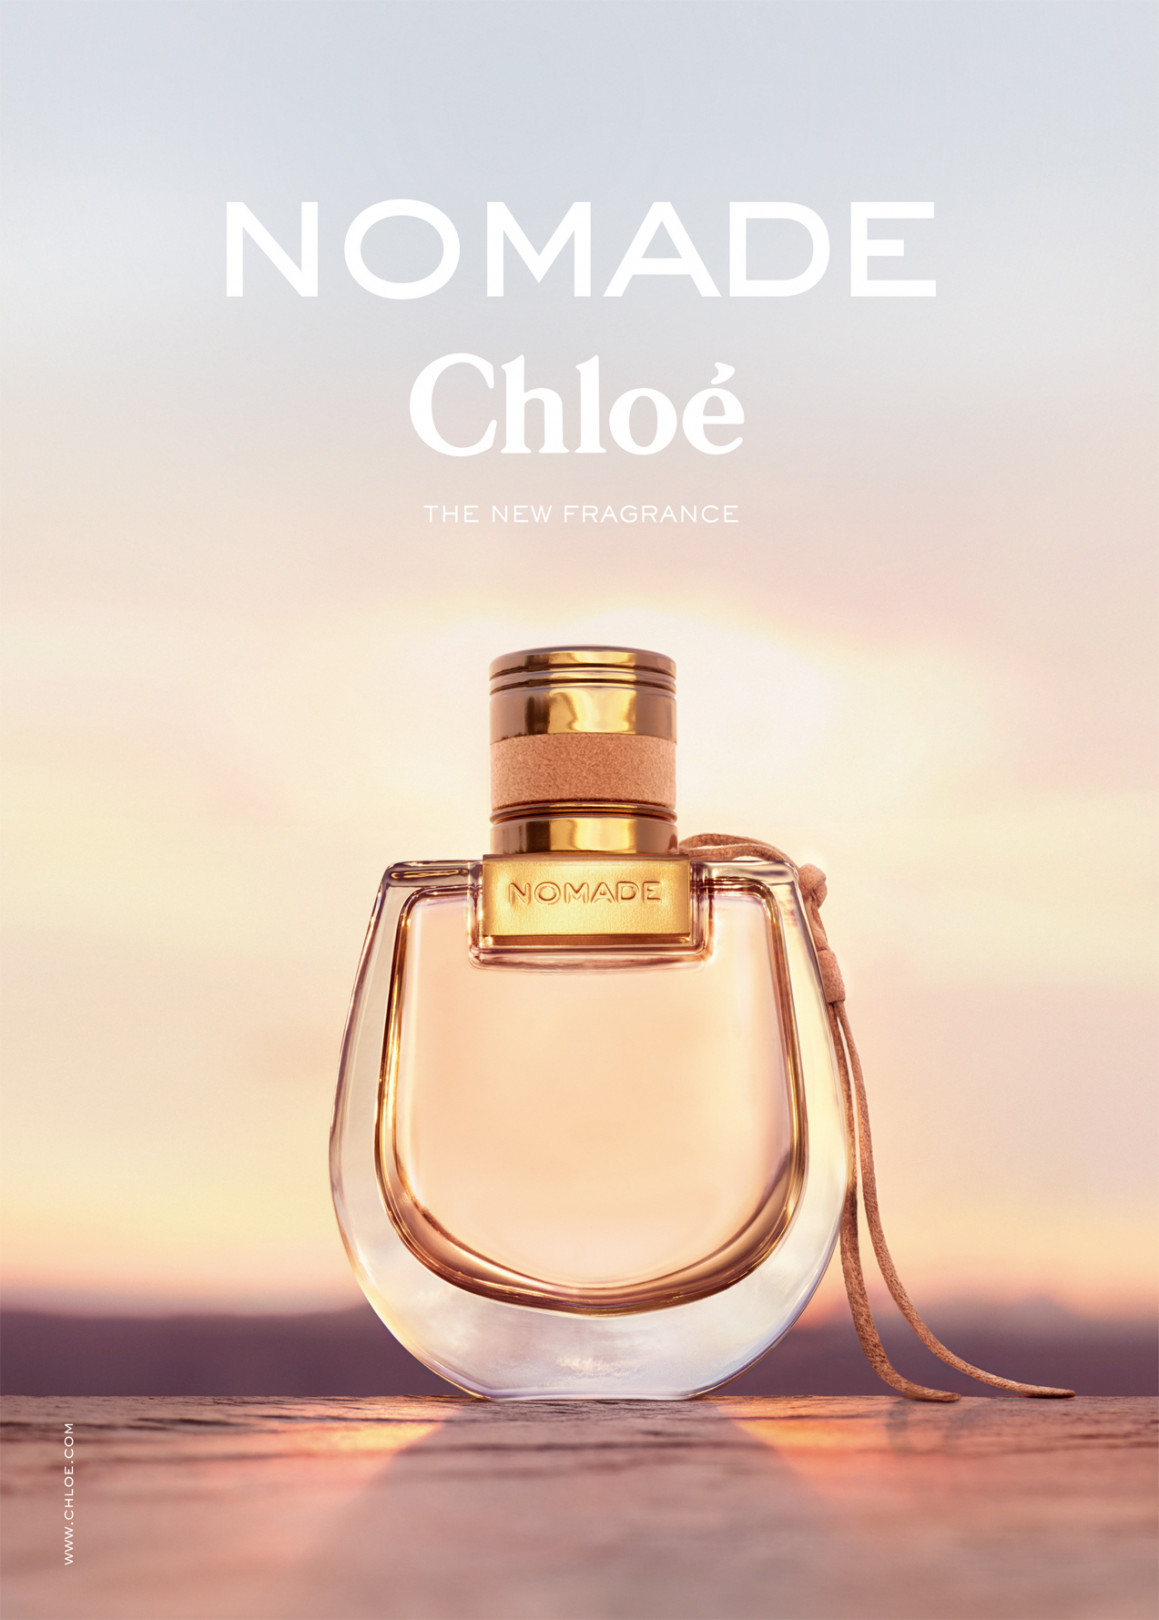 Nomade Chloé Parfum Un Nouveau Parfum Pour Femme 2018